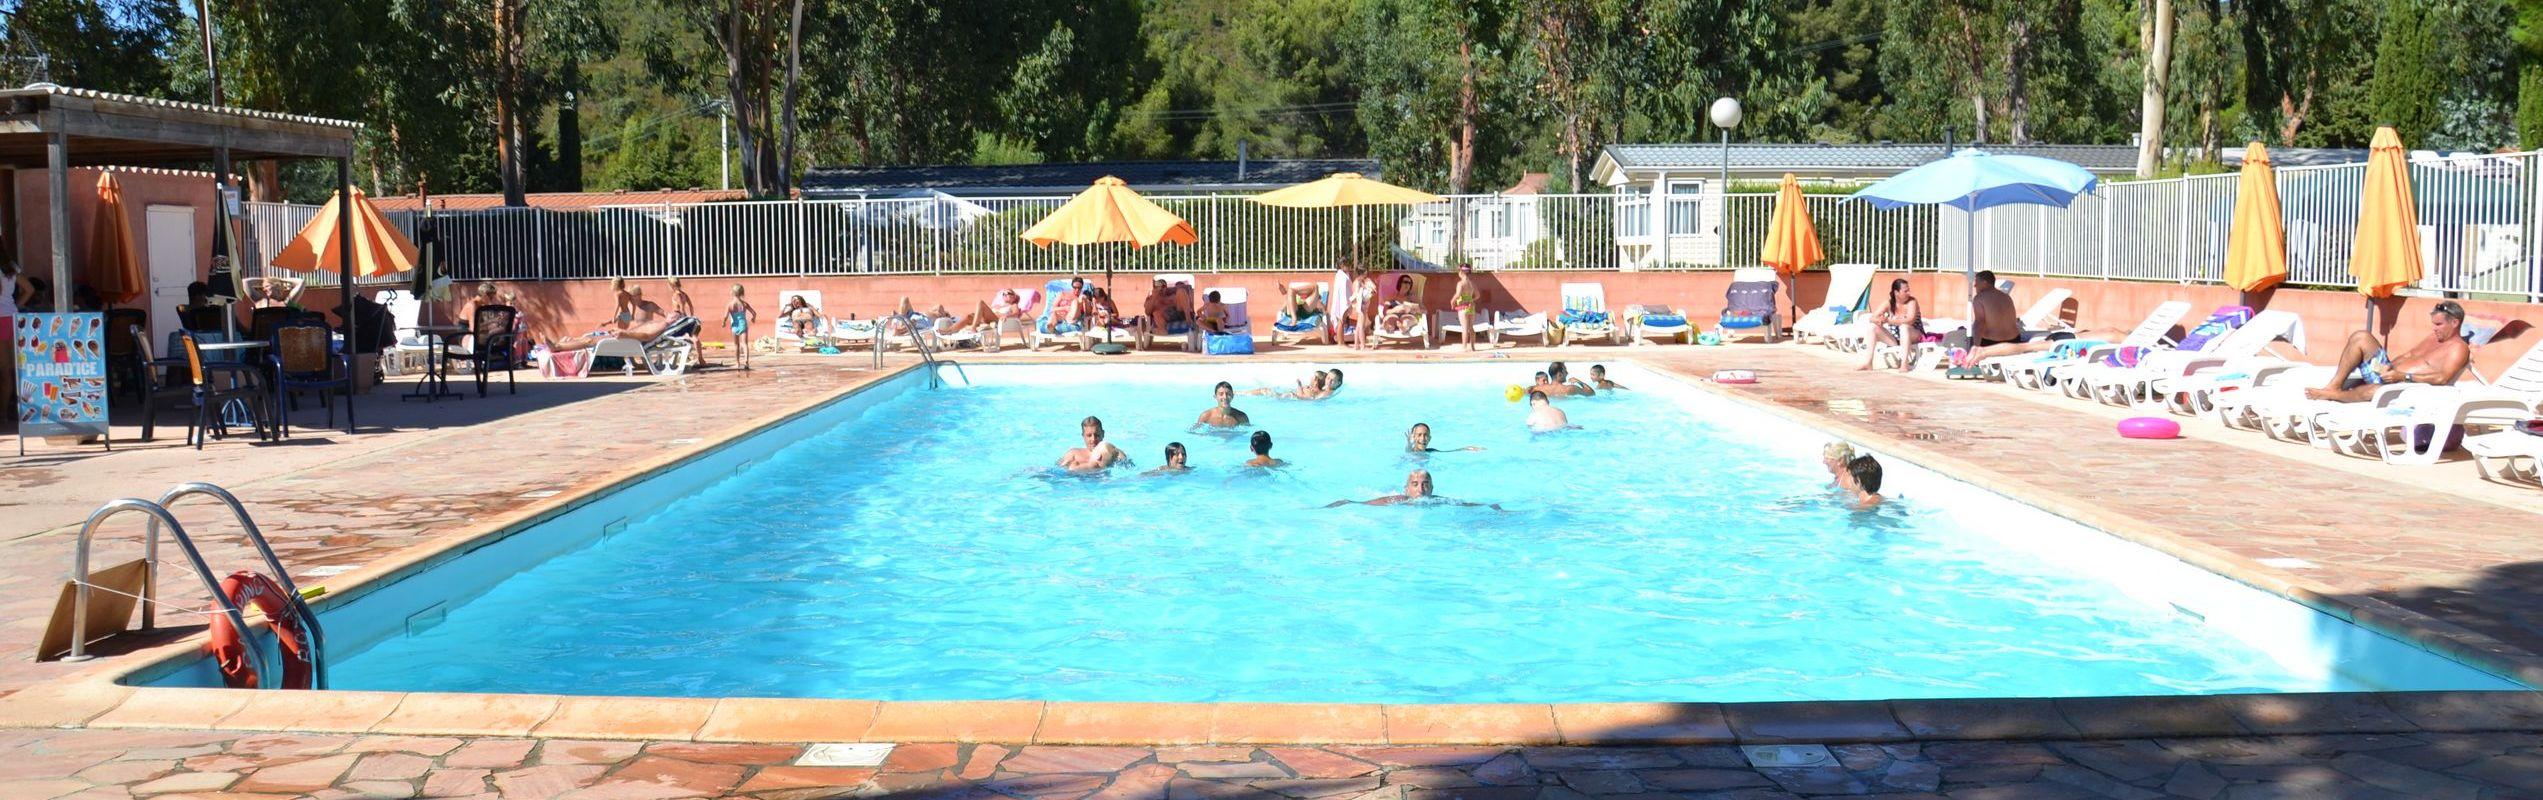 Camping le lavandou avec piscine nouveaux mod les de maison for Camping le lavandou avec piscine